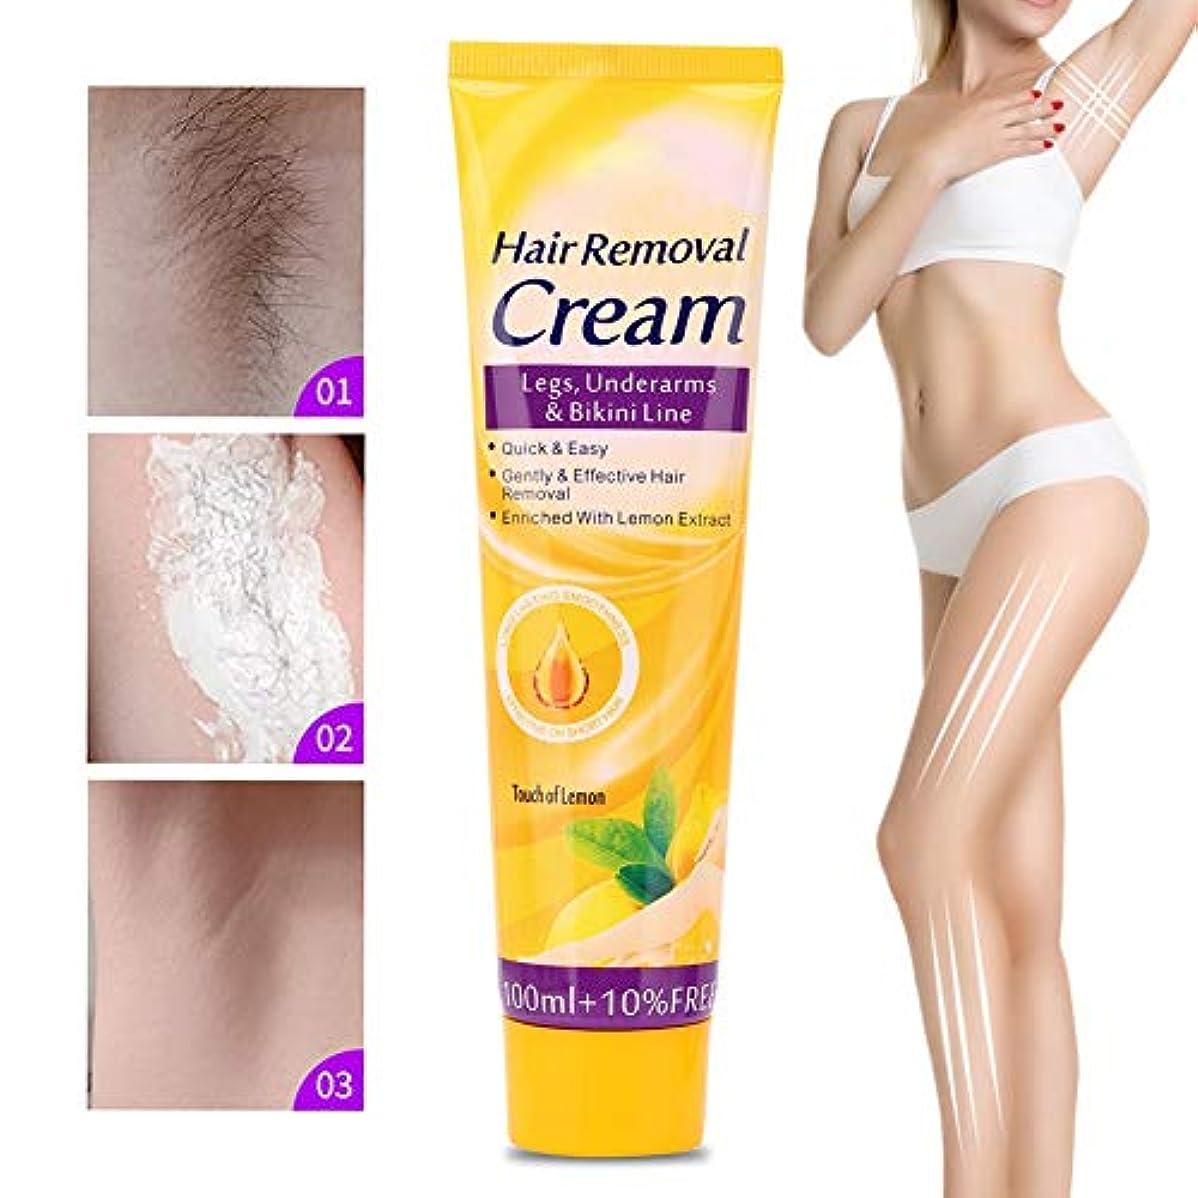 発火するむしゃむしゃアームストロング男女兼用の脱毛クリーム、穏やかな痛みのない安全な脱毛クリームを使用するのに便利簡単に太い髪の除去脚の腕に使用される滑らかで柔らかい肌